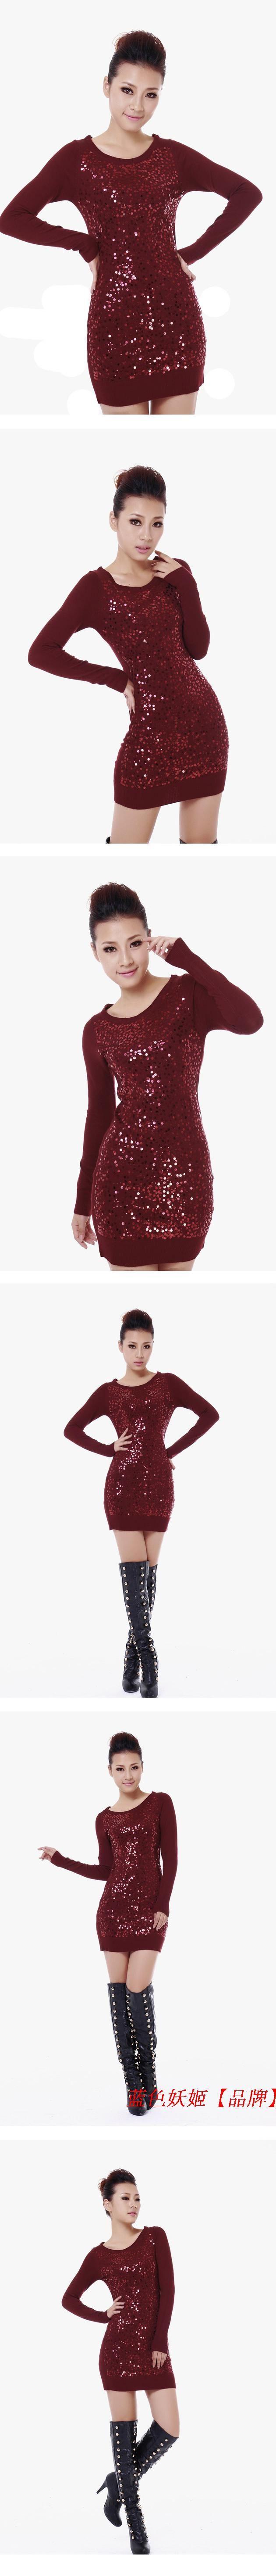 2016 классический горячий продавать частей свитер простой диких культивирования большой размер женских моделей шею длинным вязать свитер пальто праймера купить на AliExpress